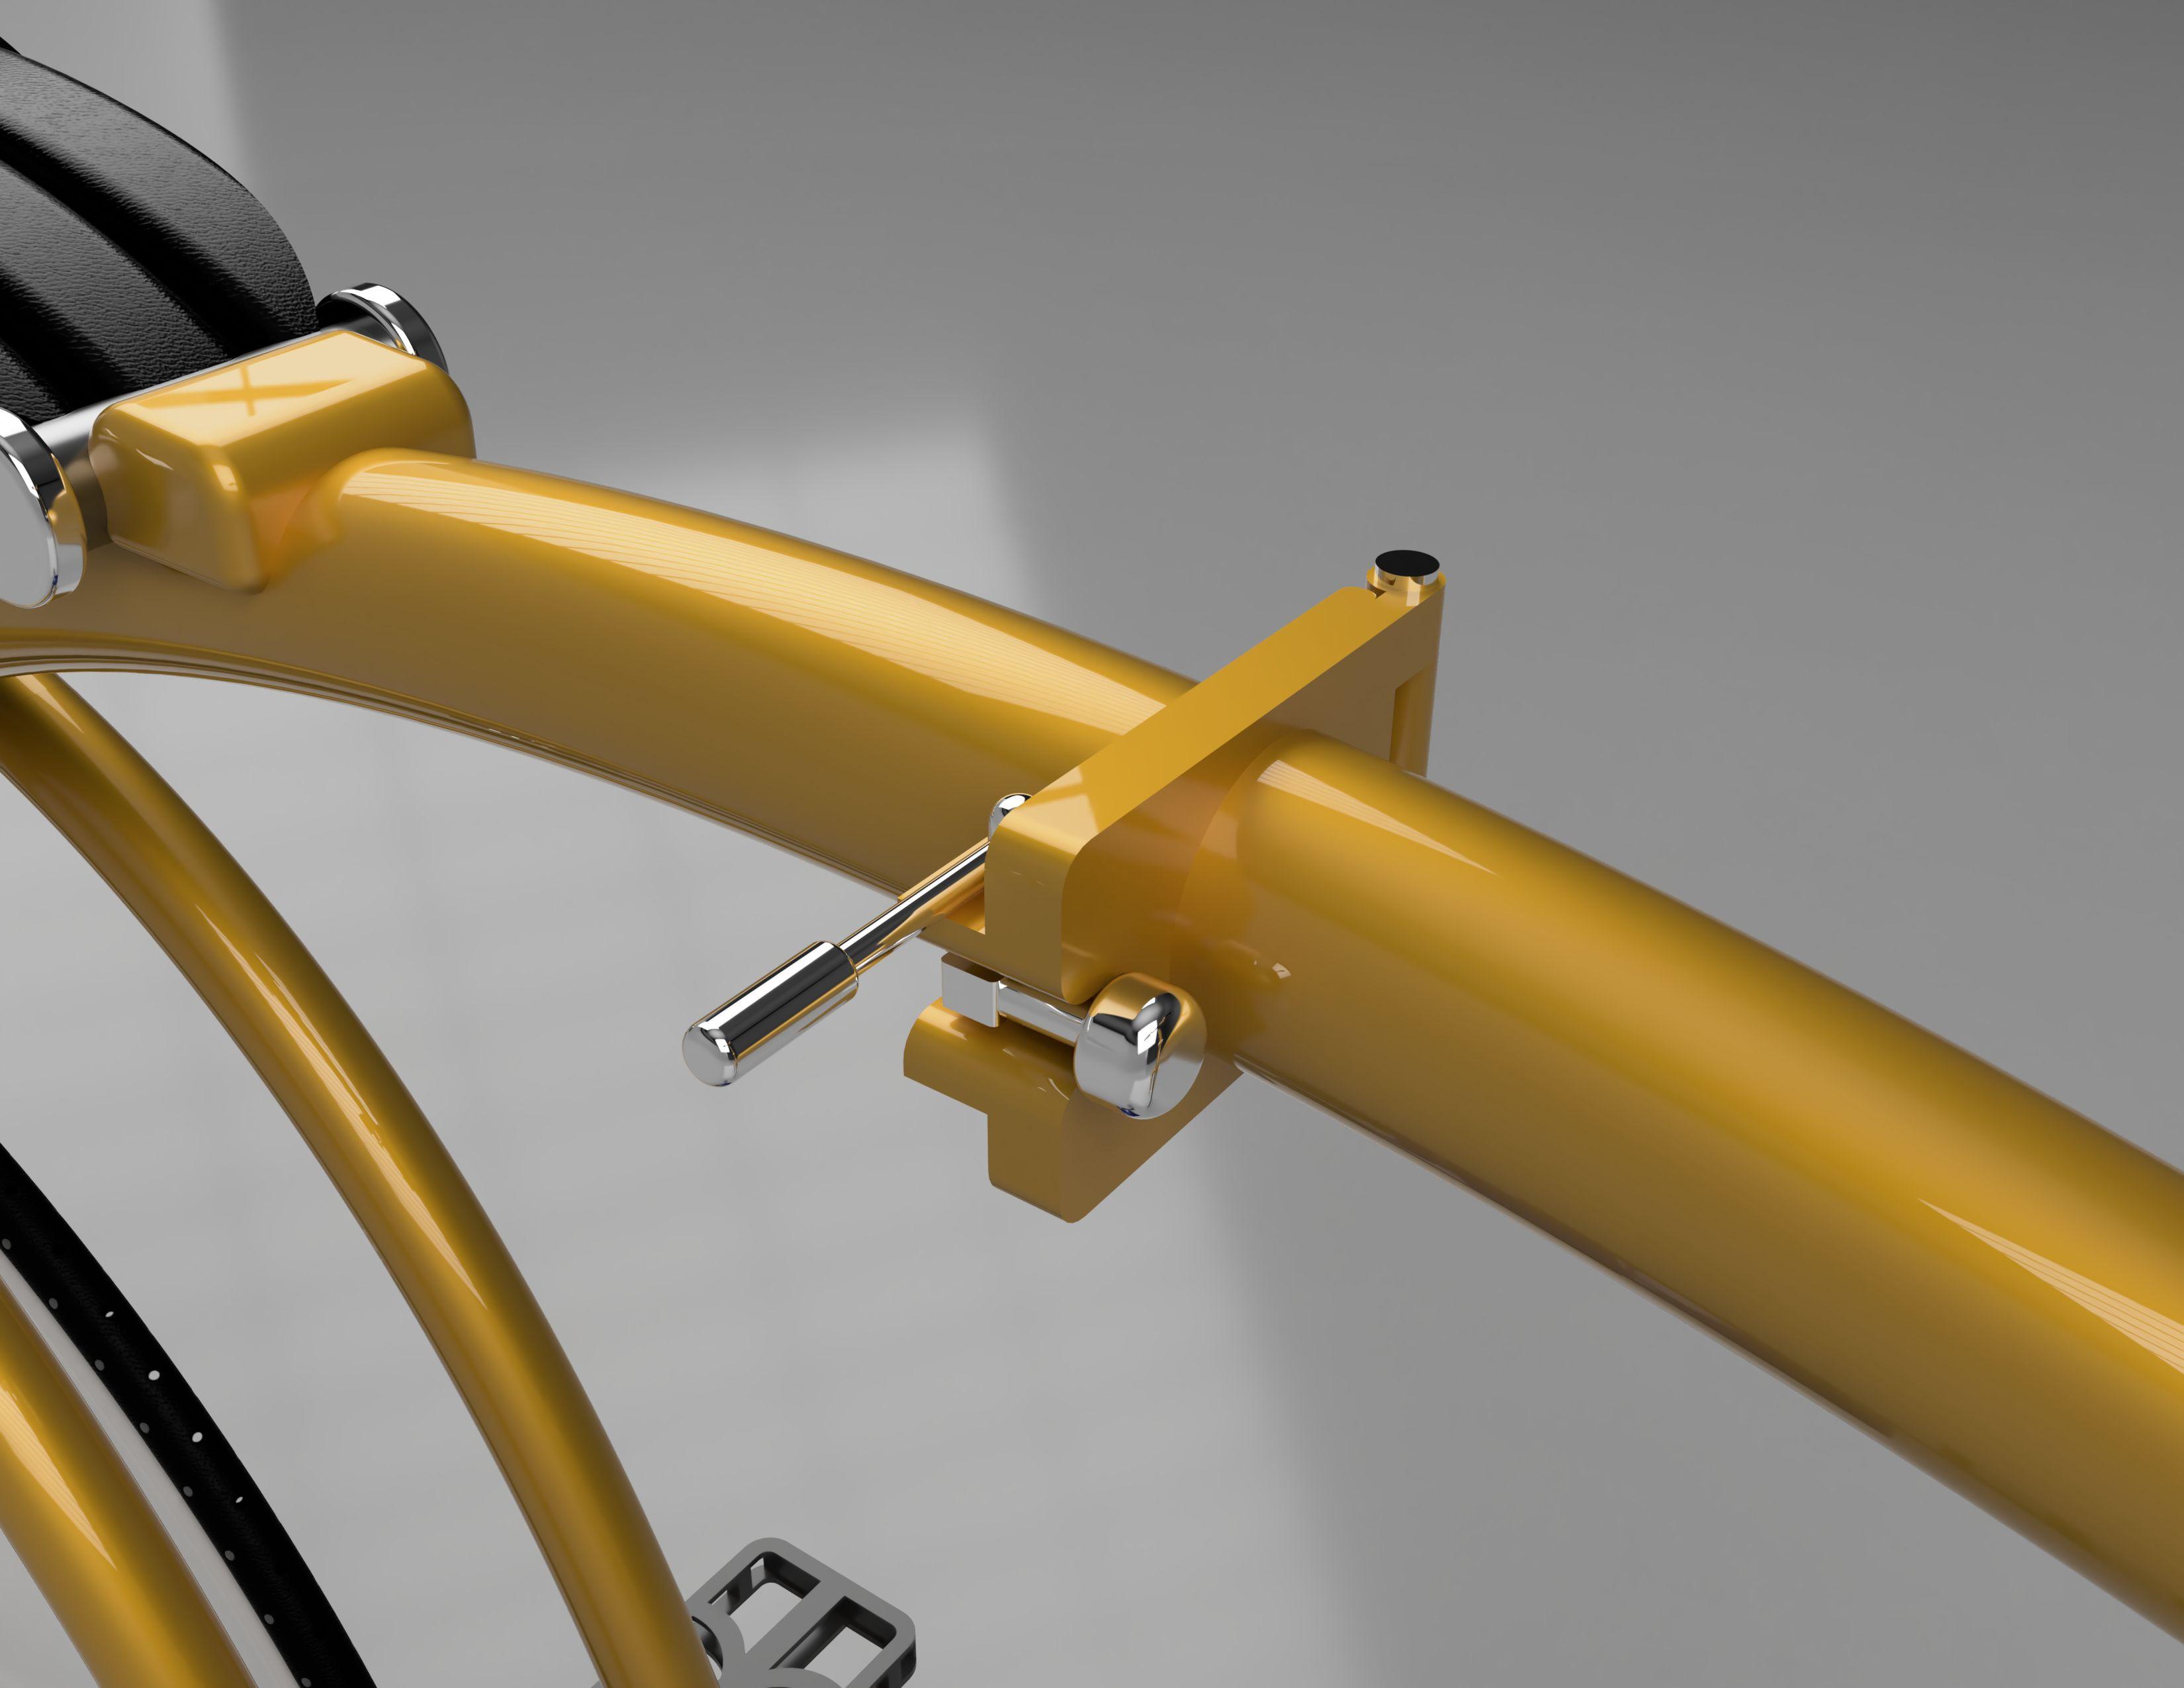 Diana--bici-ddd-2020-mar-13-07-14-34pm-000-customizedview22309979147-png-3500-3500